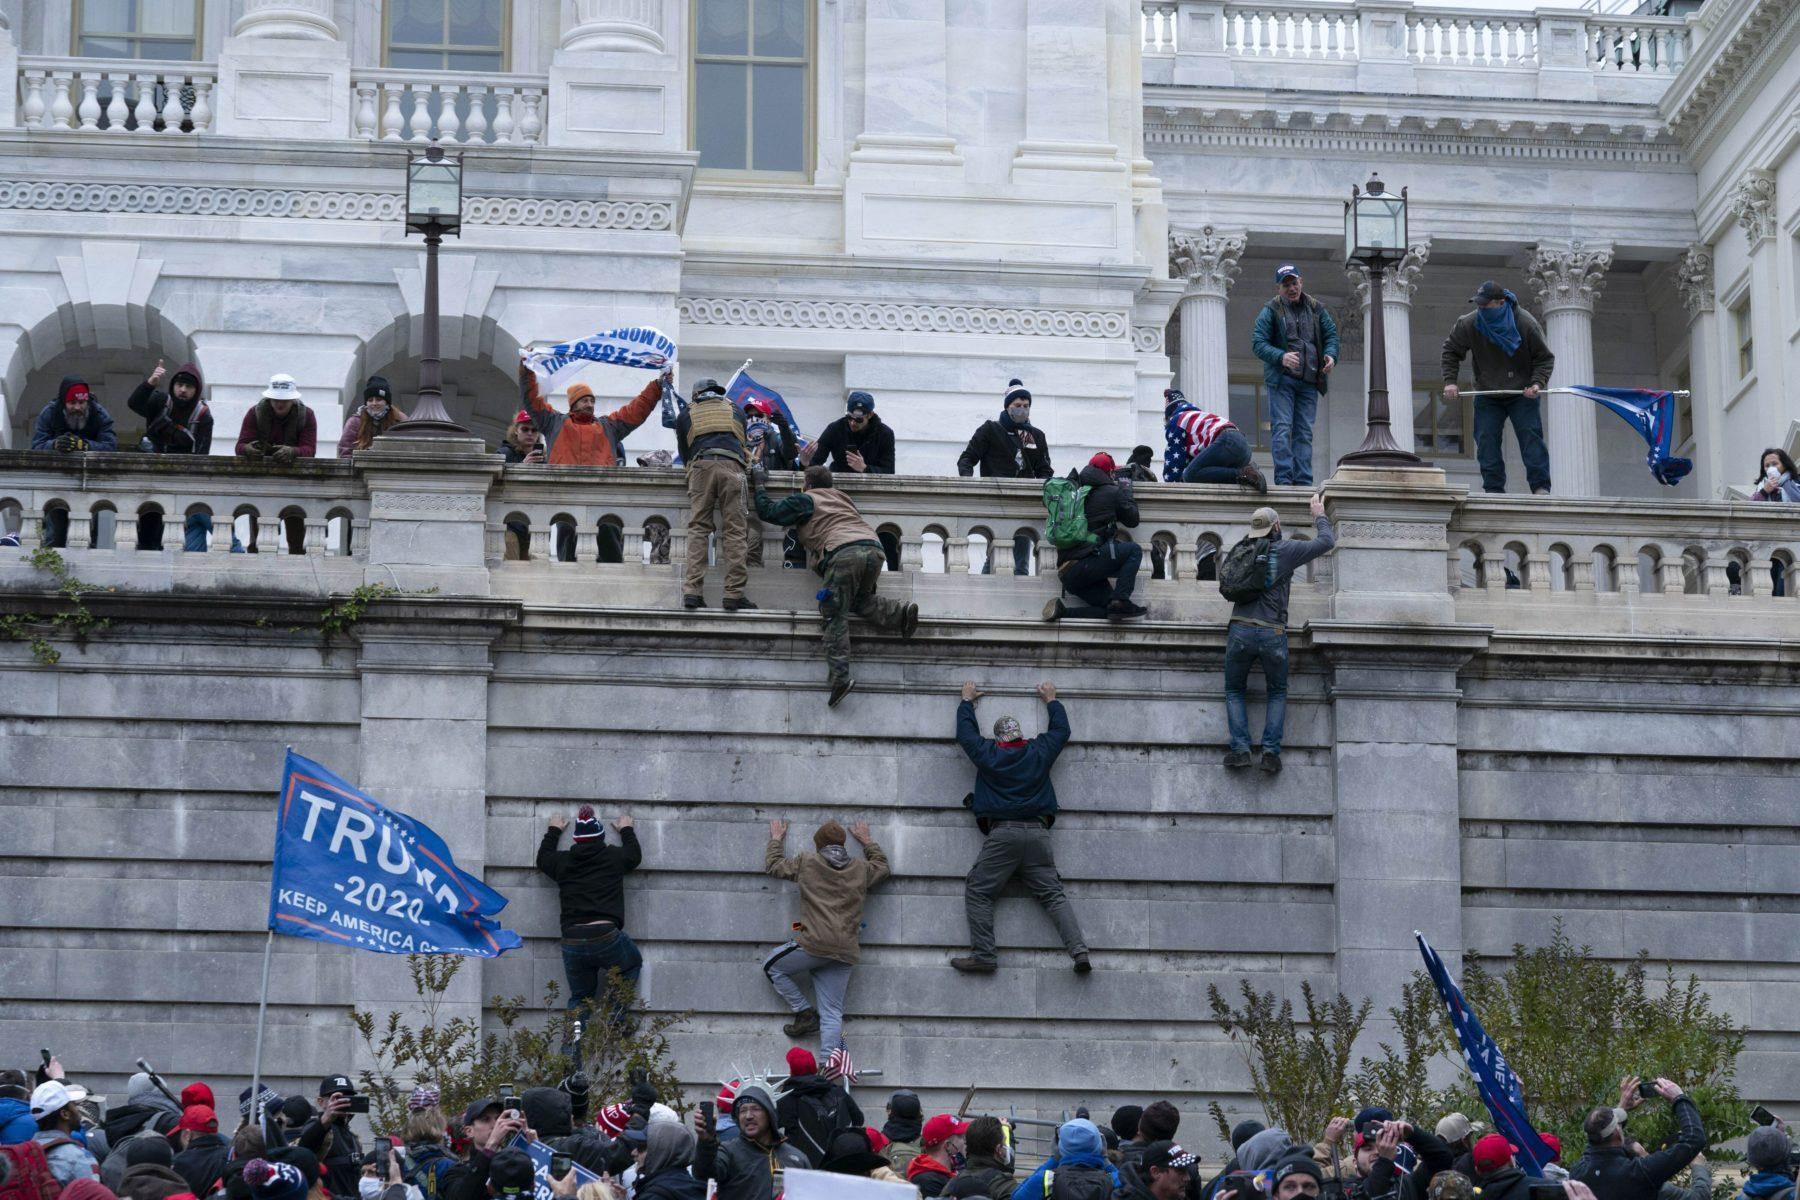 Tunkeutujat kiipesivät muun muassa kongressitalon läntisen muurin yli päästäkseen sisäänkäyntien luo.